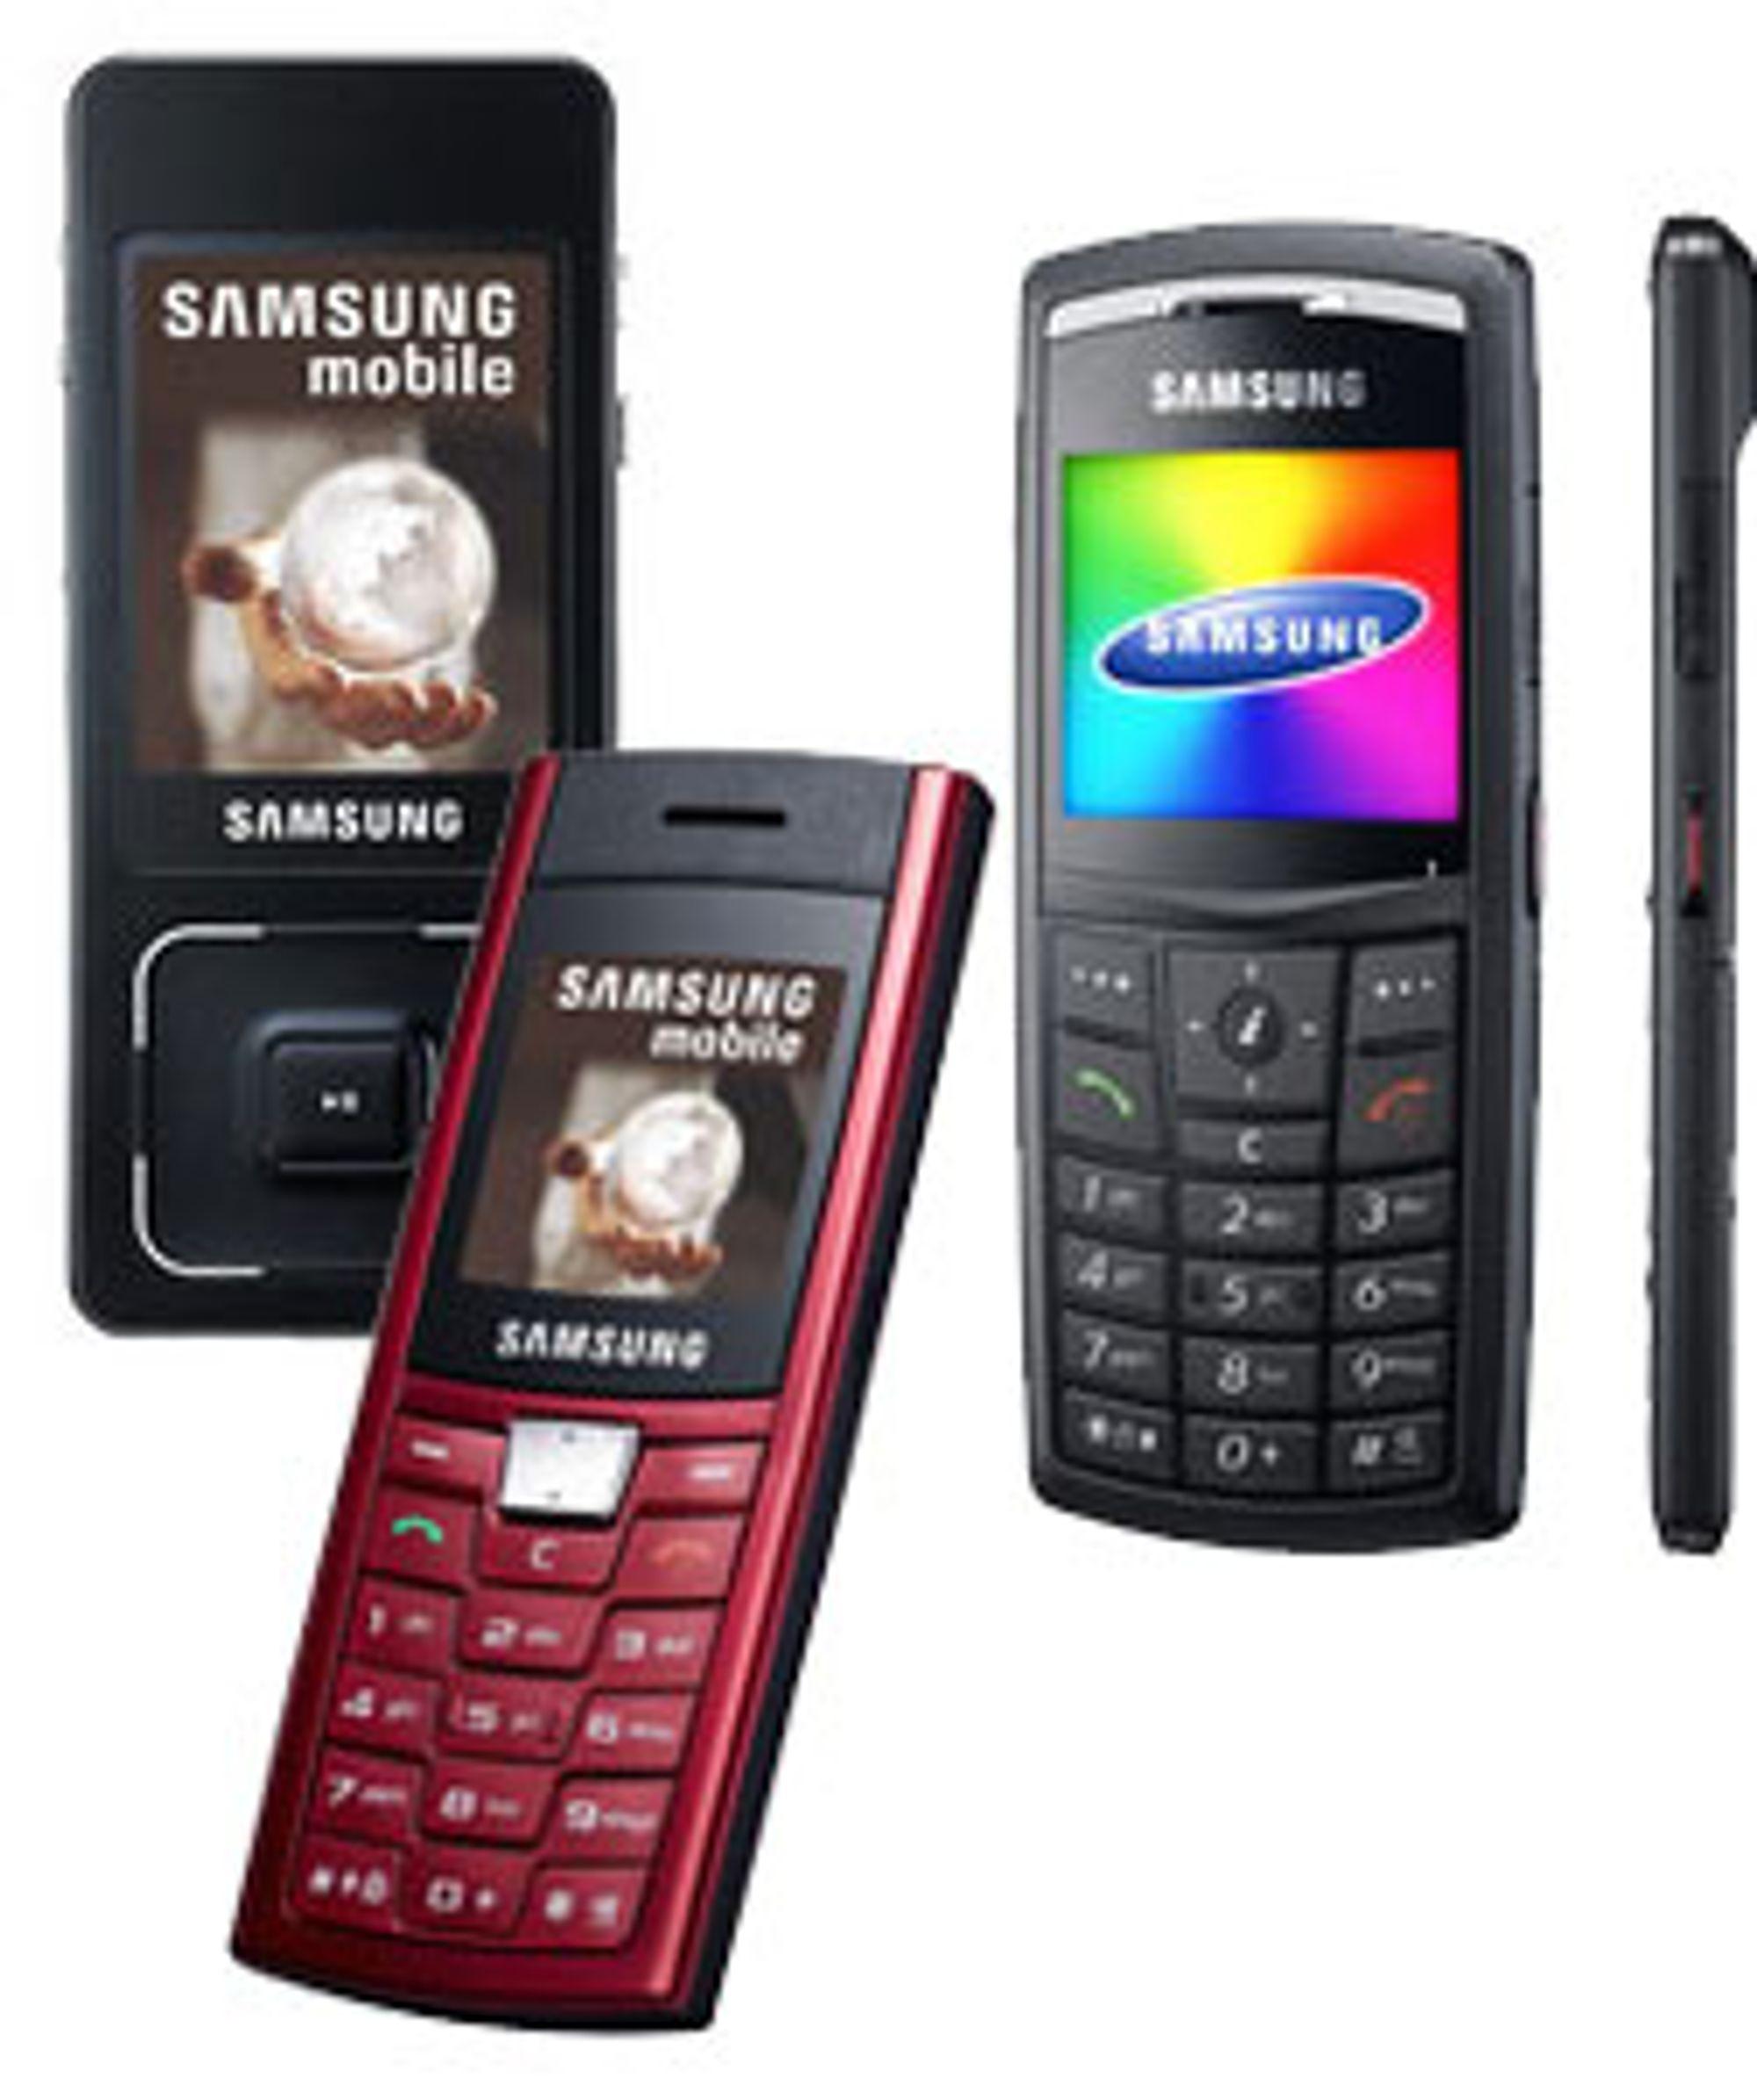 Fra venstre: Samsung F300, C170 og X820.